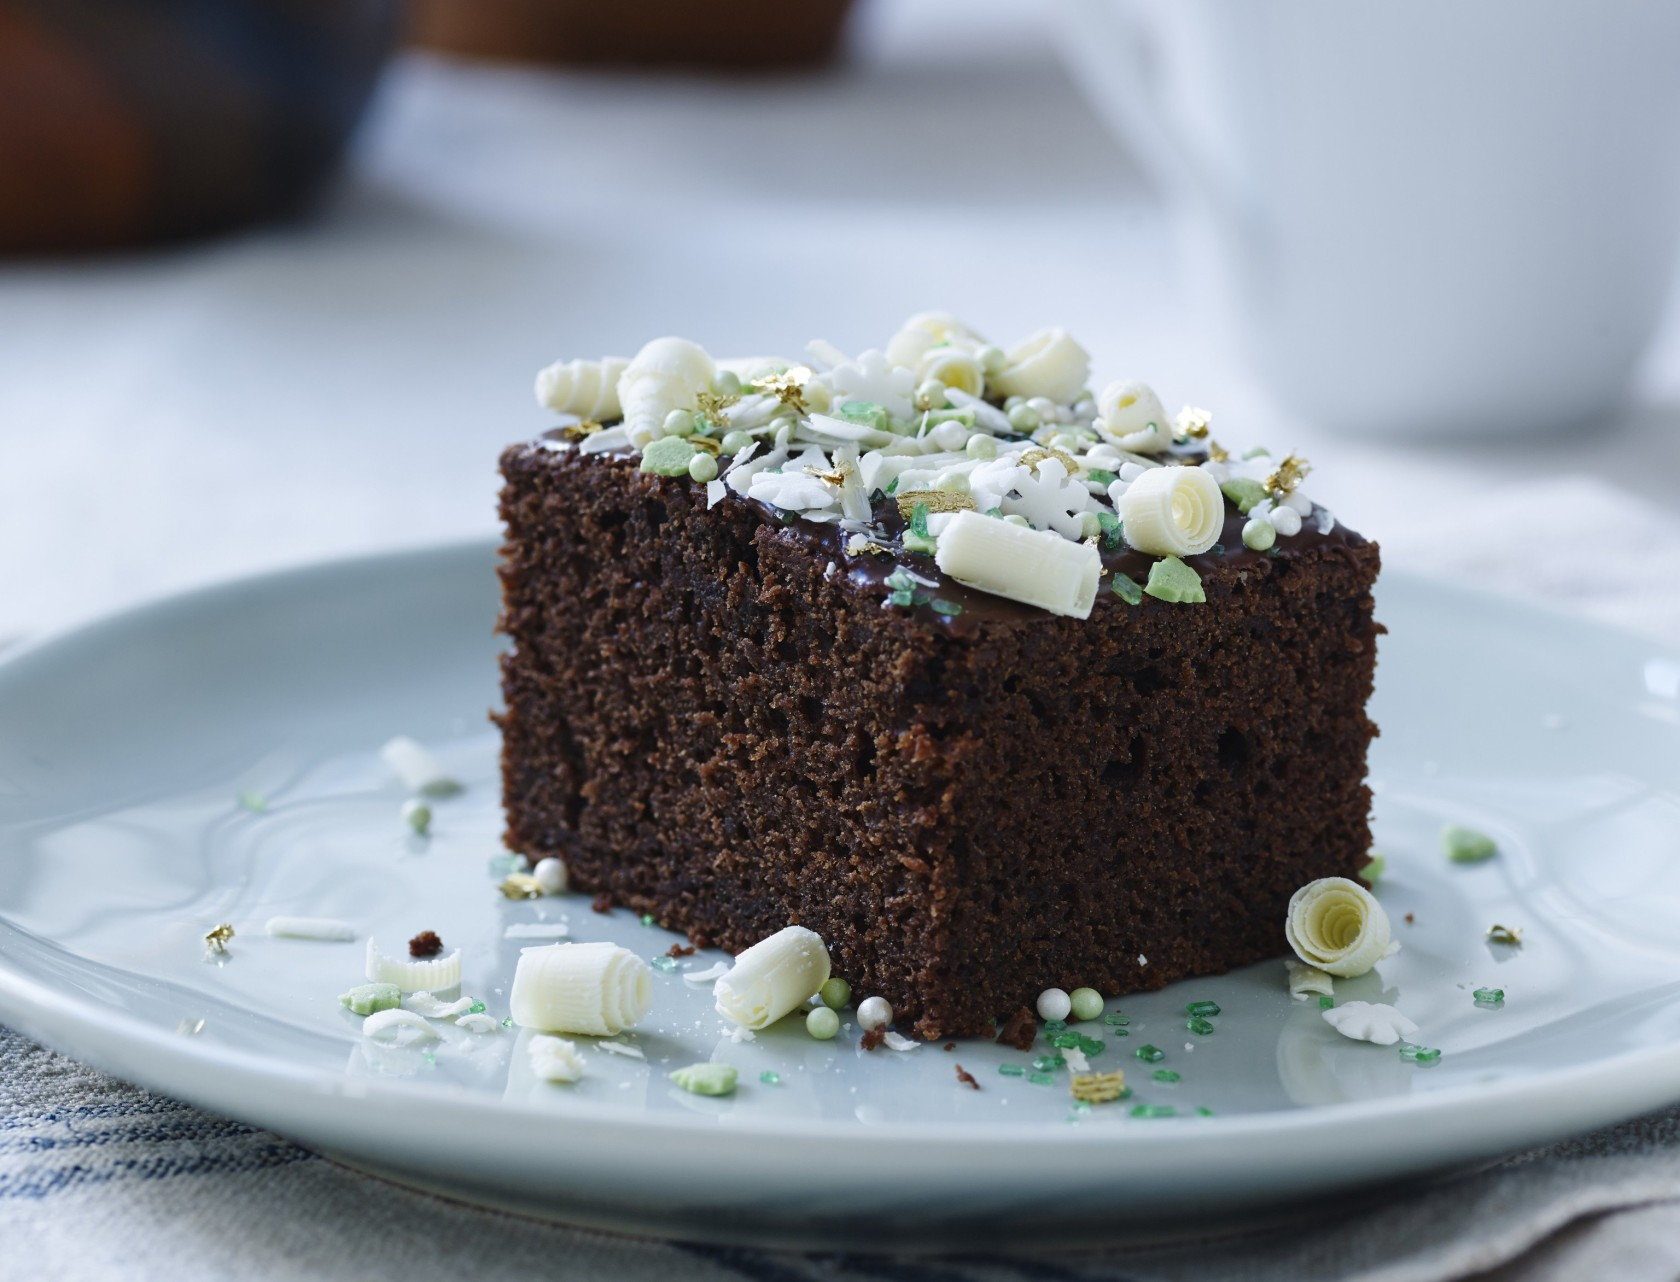 Chokoladekage med chokoladeovertræk - den lækreste kage!